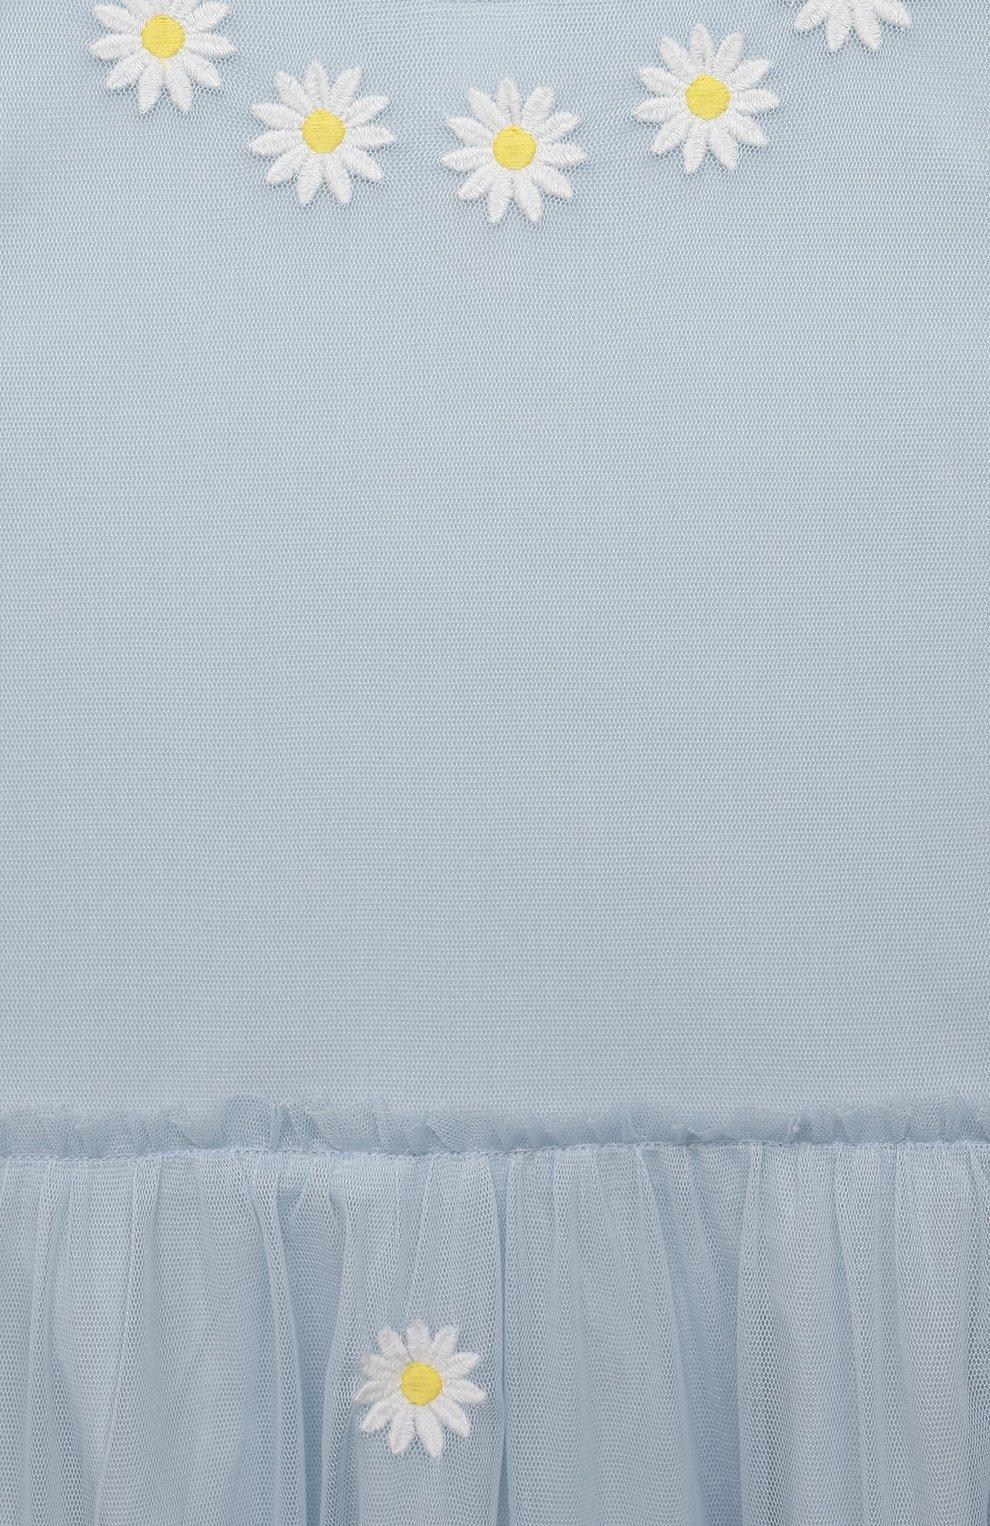 Детское платье STELLA MCCARTNEY голубого цвета, арт. 602757/SQKC4 | Фото 3 (Рукава: Короткие; Случай: Повседневный; Материал внешний: Синтетический материал; Девочки Кросс-КТ: Платье-одежда; Материал подклада: Хлопок; Ростовка одежда: 10 - 11 лет | 140 - 146см, 12 лет | 152 см, 13 - 15 лет | 158 см, 16 лет | 164 см, 2 года | 92 см, 3 года | 98 см, 4 года | 104 см, 5 лет | 110 см, 6 лет | 116 см, 8 лет | 128 см)